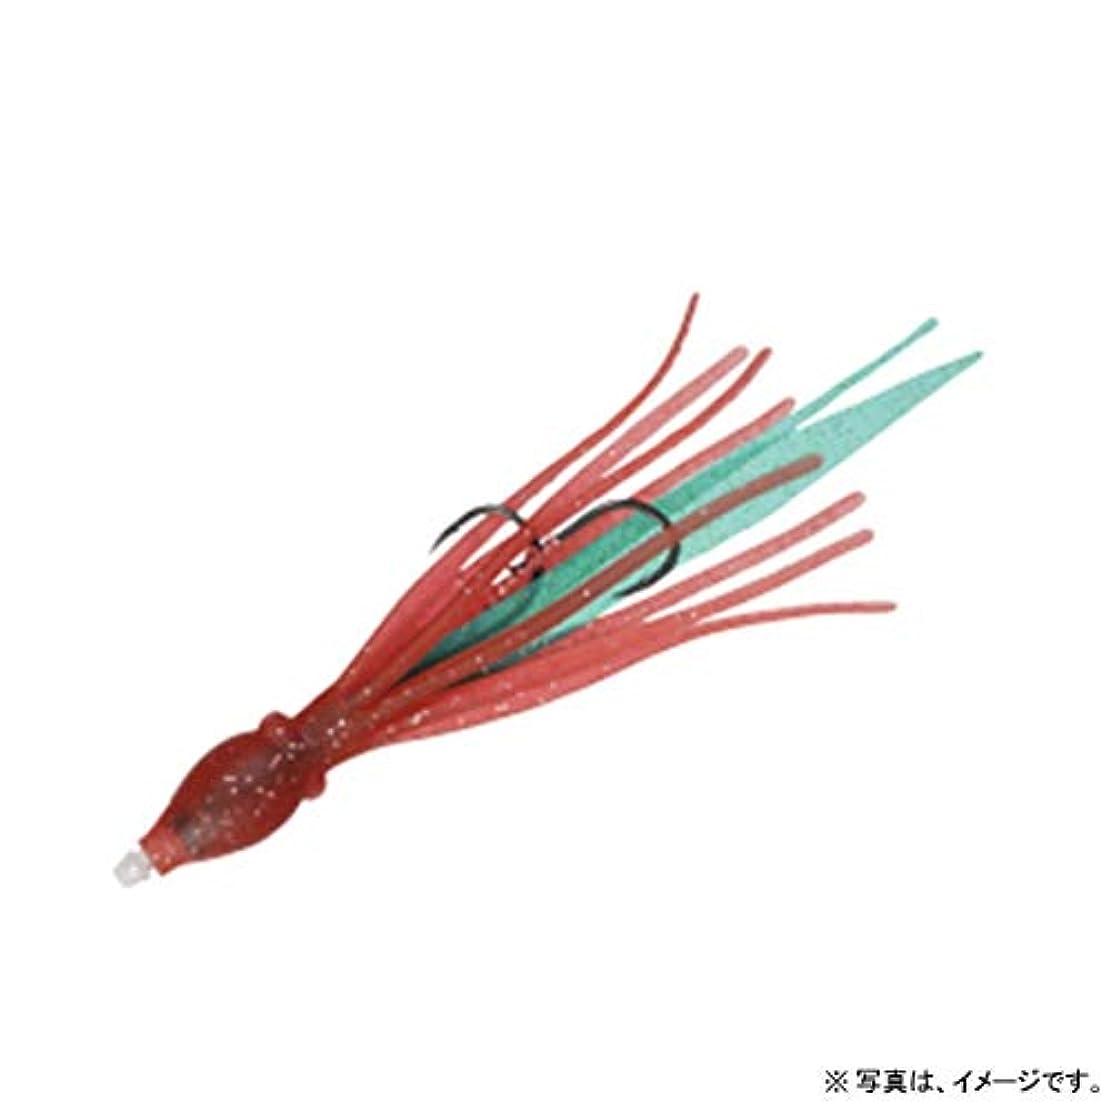 ナインへダイヤモンド新年ダイワ(Daiwa) タイラバ タコマラカスユニット 紅牙 SS M ブラッディ/グリーンラメ